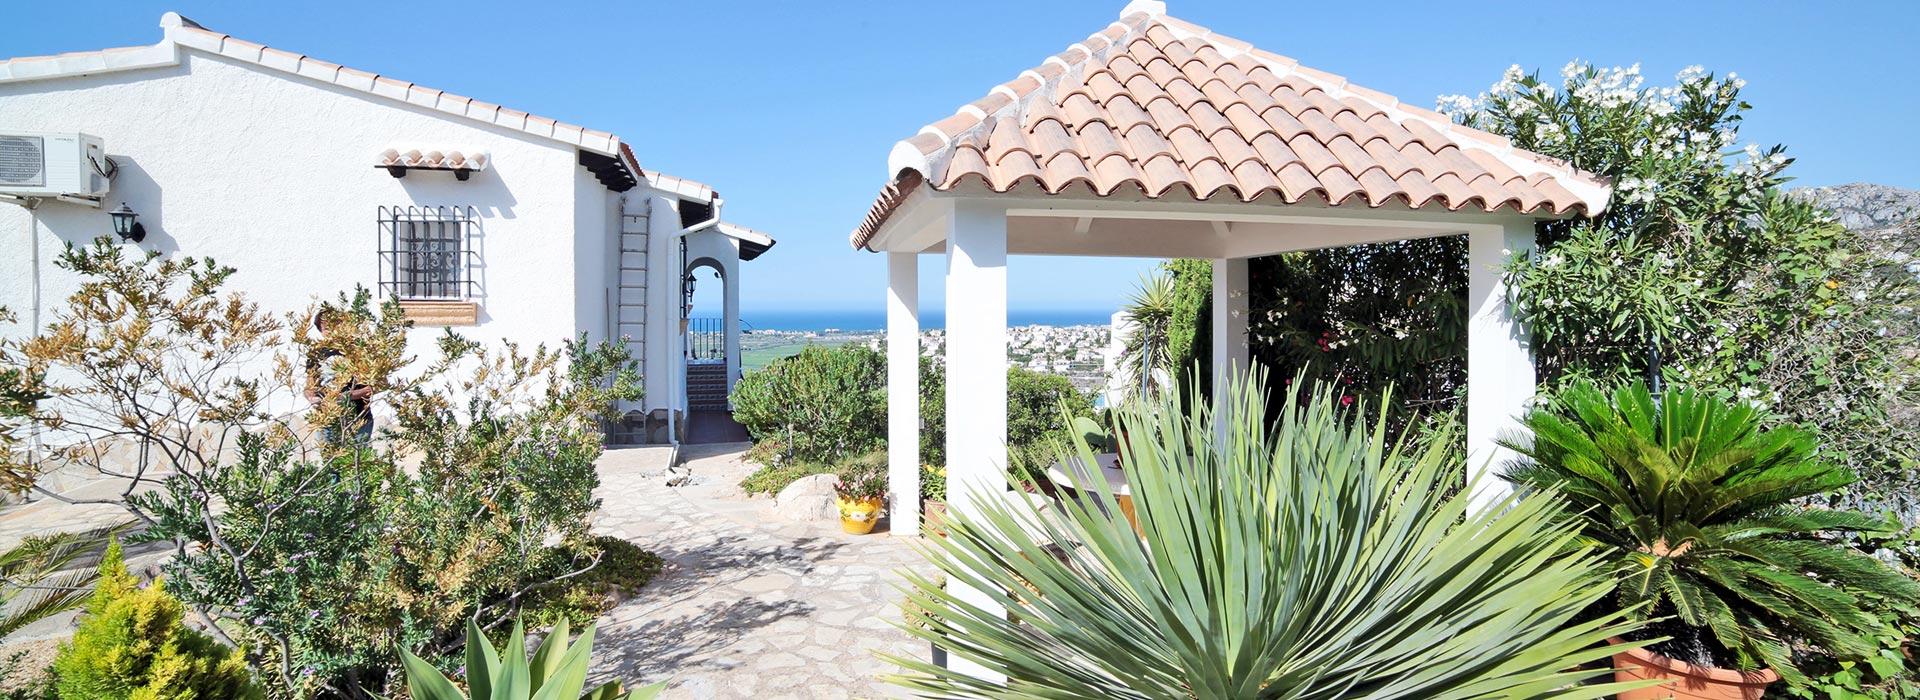 acb.immo - Villa avec appartement séparé, piscine privée et vue mer panoramique à Monte Pego, Dénia